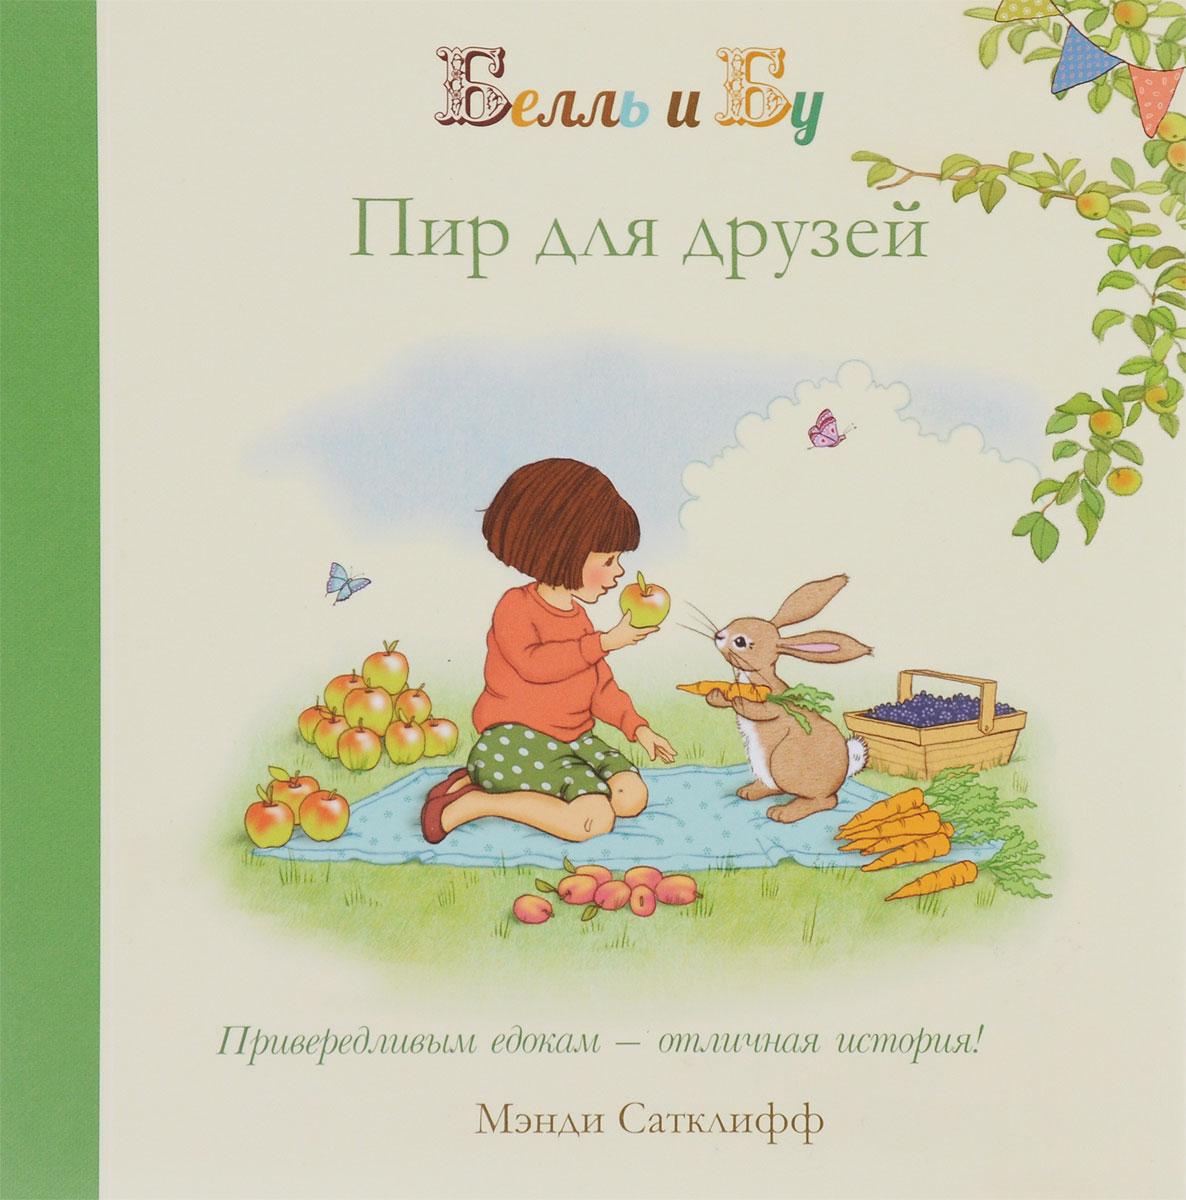 Пир для друзей12296407Серия книг о милой малышке Белль и ее пушистом кролике Бу учит деток обычным занятиям, но одновременно показывает, что это очень занимательно и увлекательно! Добрые, нежные книги о жизни деток. Именно эти книги помогают познакомить наших деток с искусством, ненавязчиво заинтересовывают их, вызывая любопытство. Каждую книгу брать в руки очень приятно - они безупречны. Легко написанный текст находит отклики у детей, яркие иллюстрации будят фантазию, подталкивая детей к познанию нового.